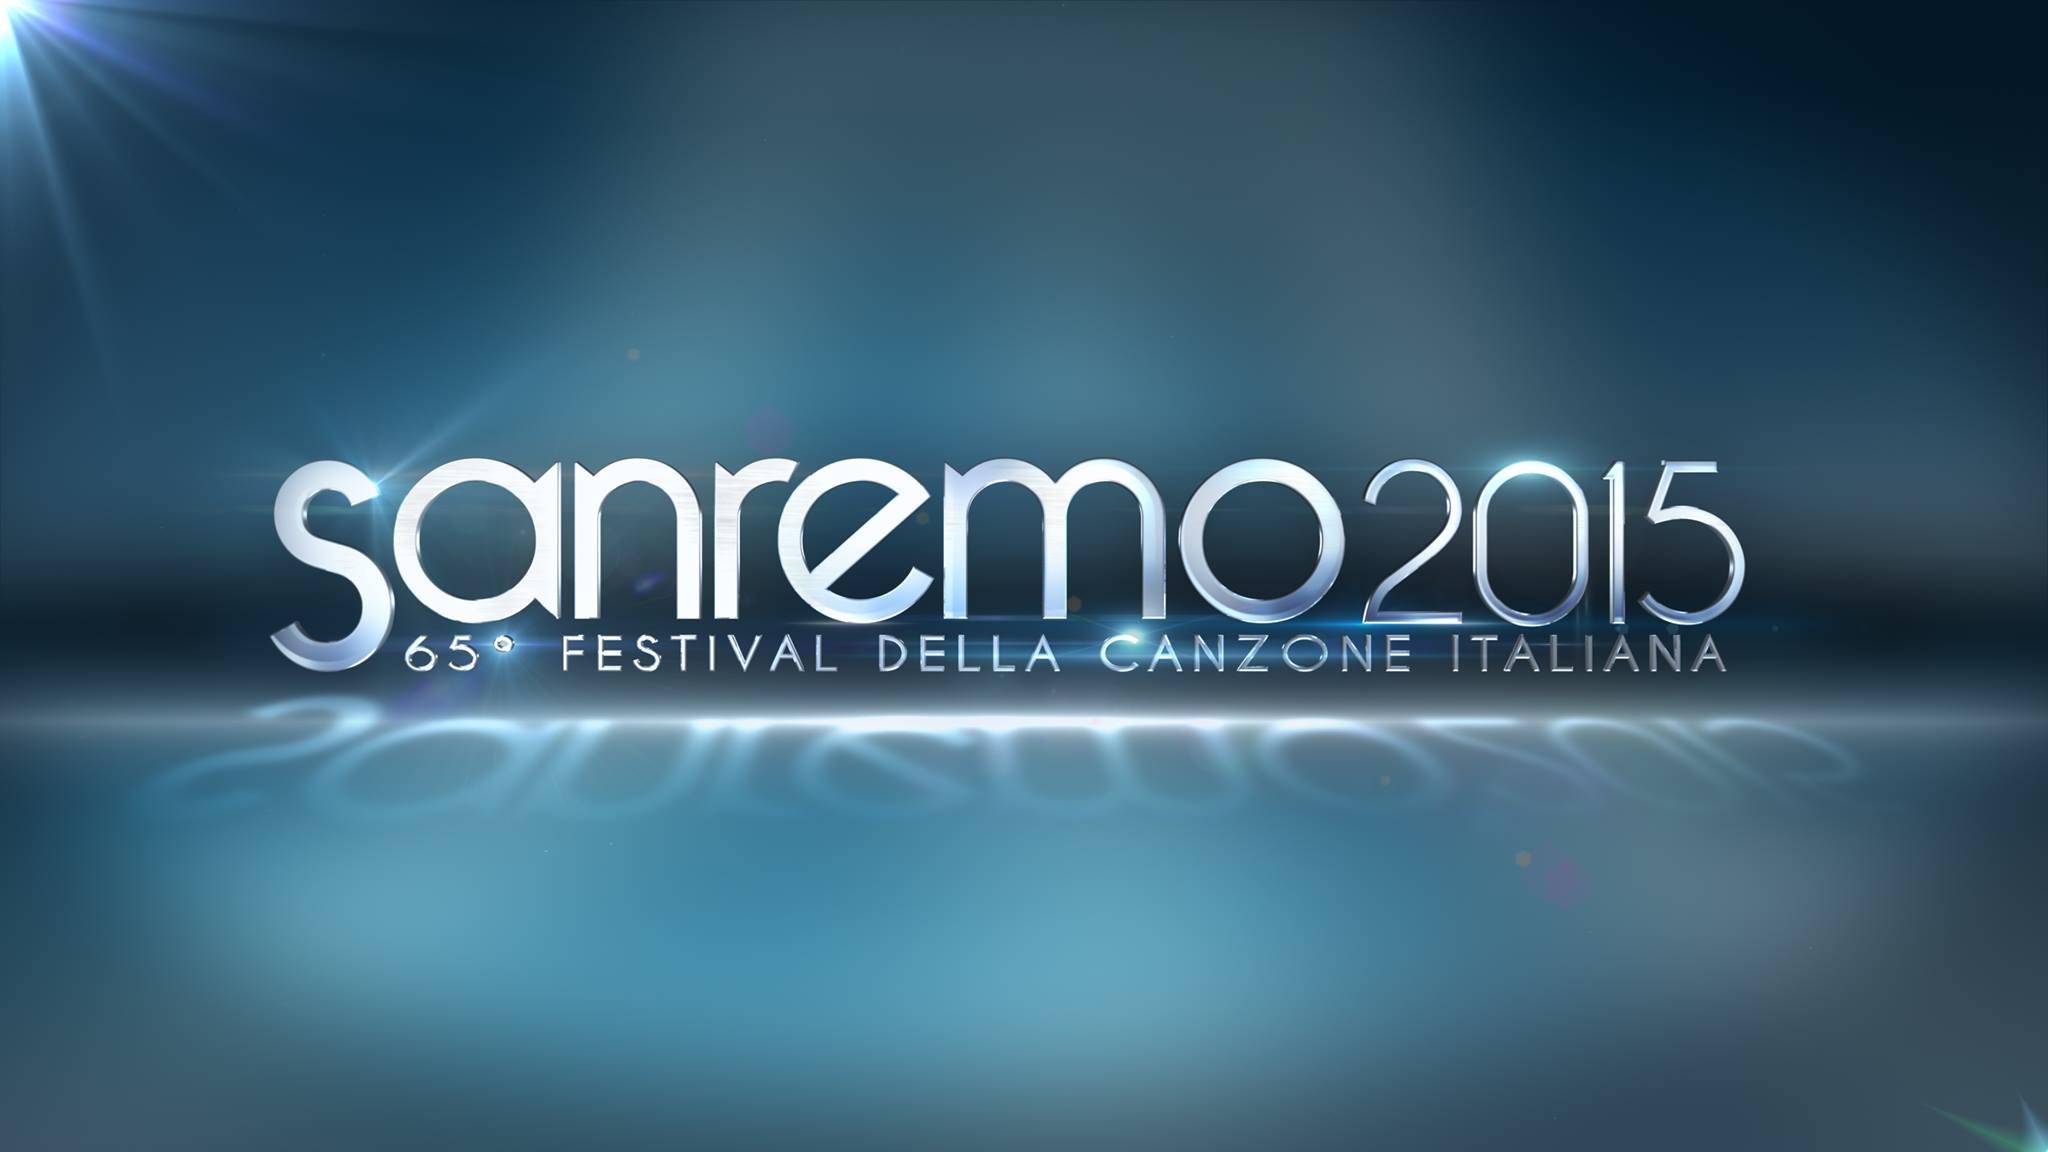 Il Volo wins Sanremo 2015